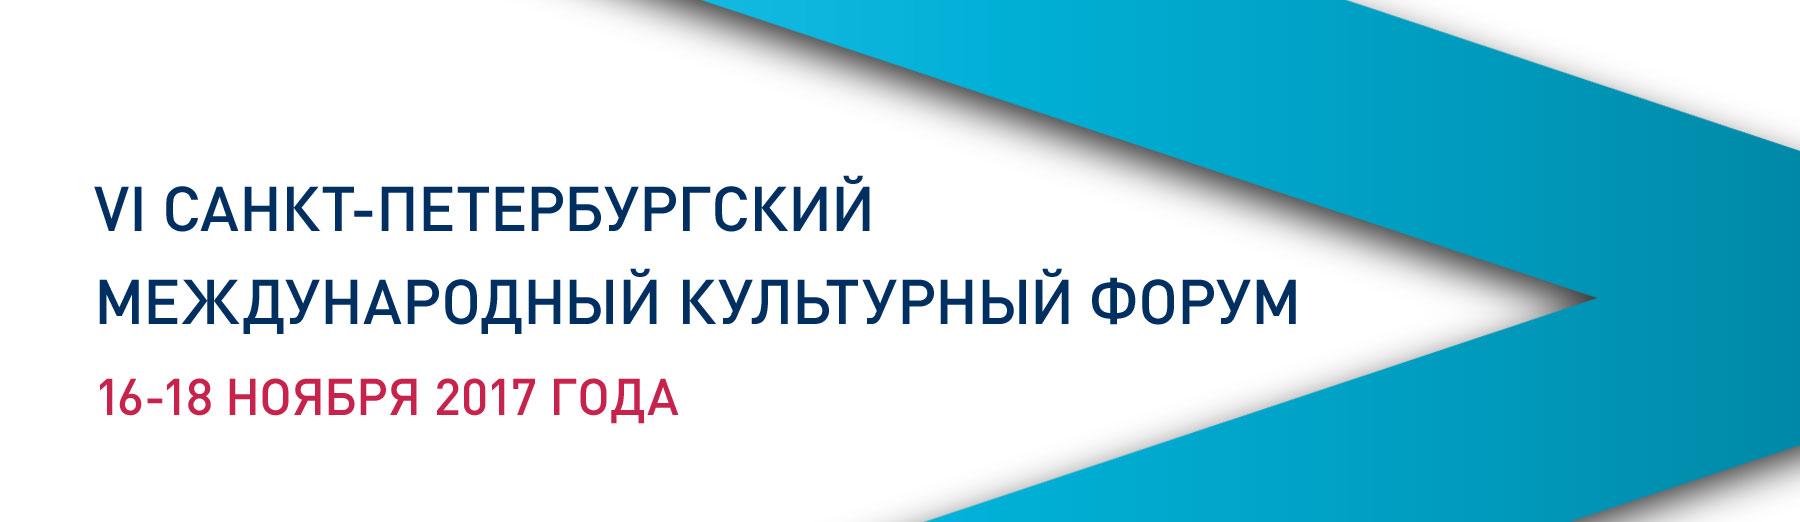 Санкт-Петербургский международный культурный форум